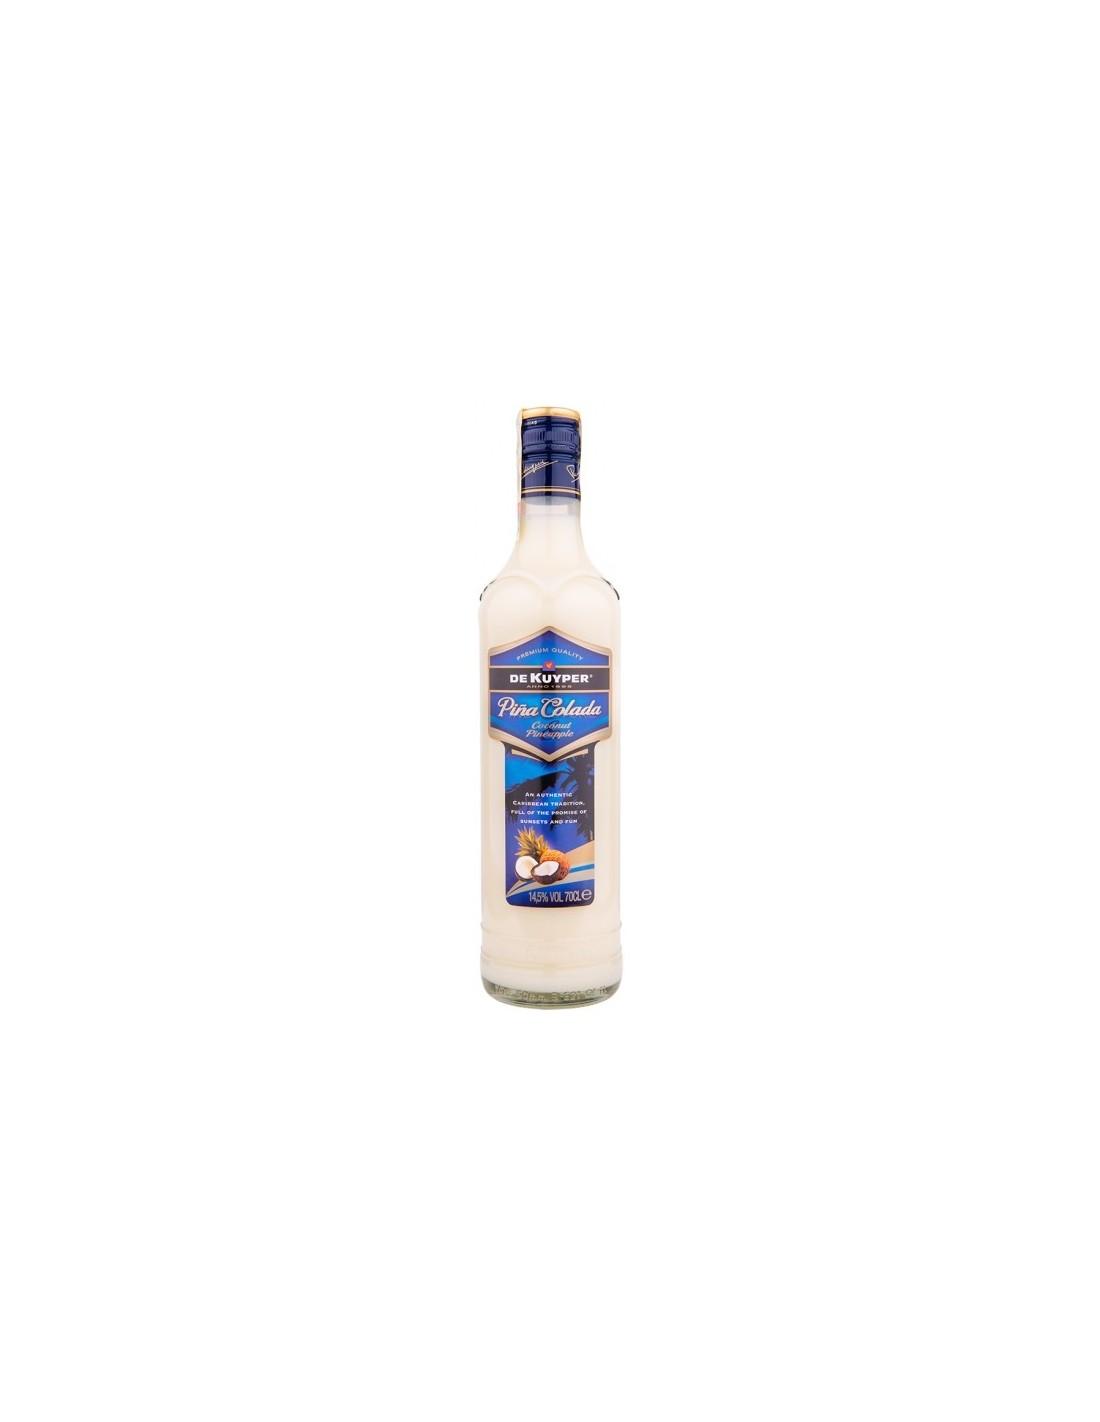 Lichior De Kuyper Pina Colada, 14.5% alc., 0.7L, Olanda